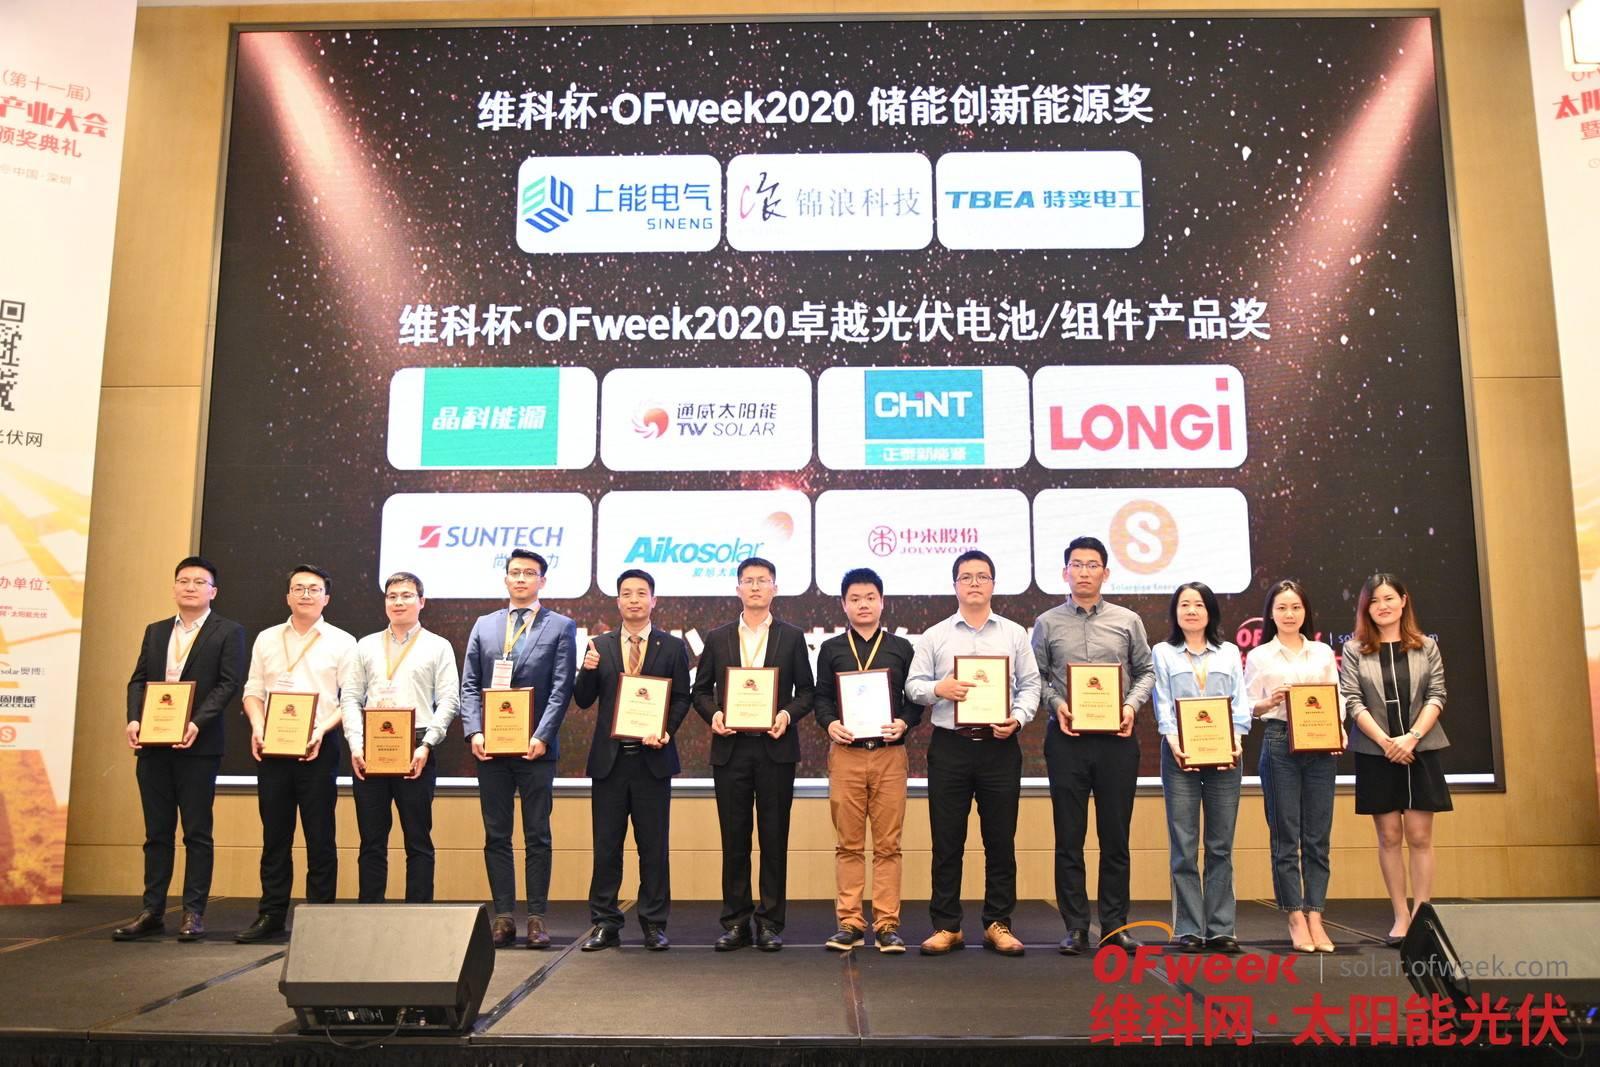 通威太阳能有限公司荣获维科杯·OFweek 2020卓越光伏电池/组件产品奖